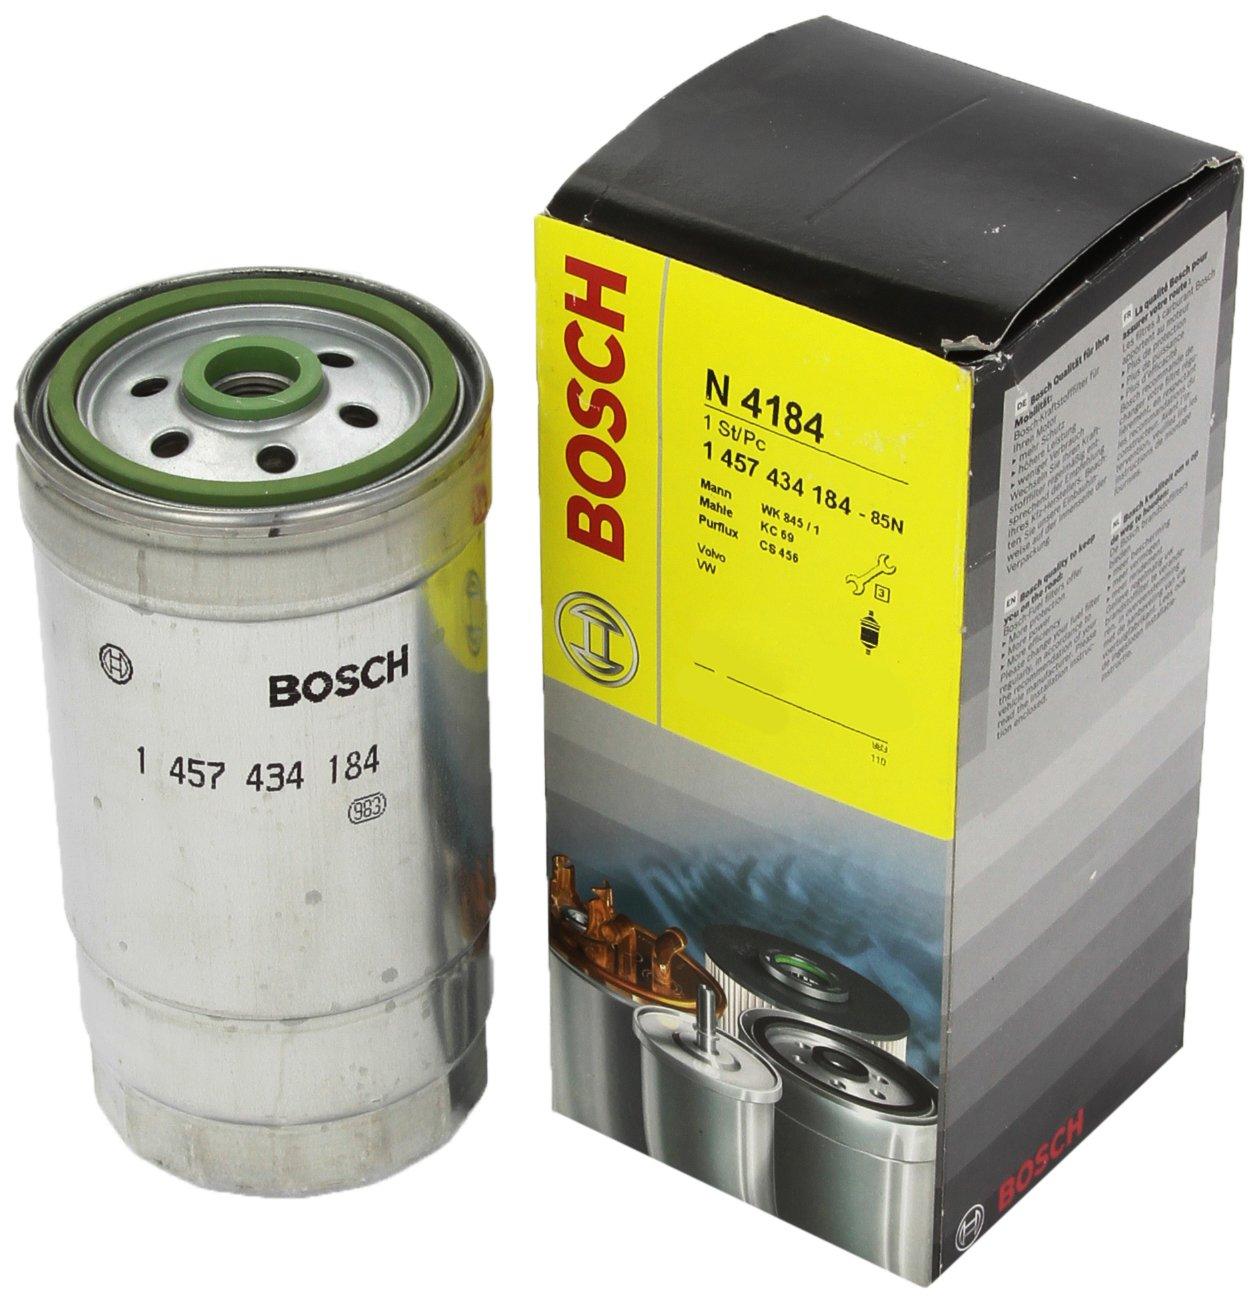 Bosch N4184 Filtre /à carburant diesel VAG